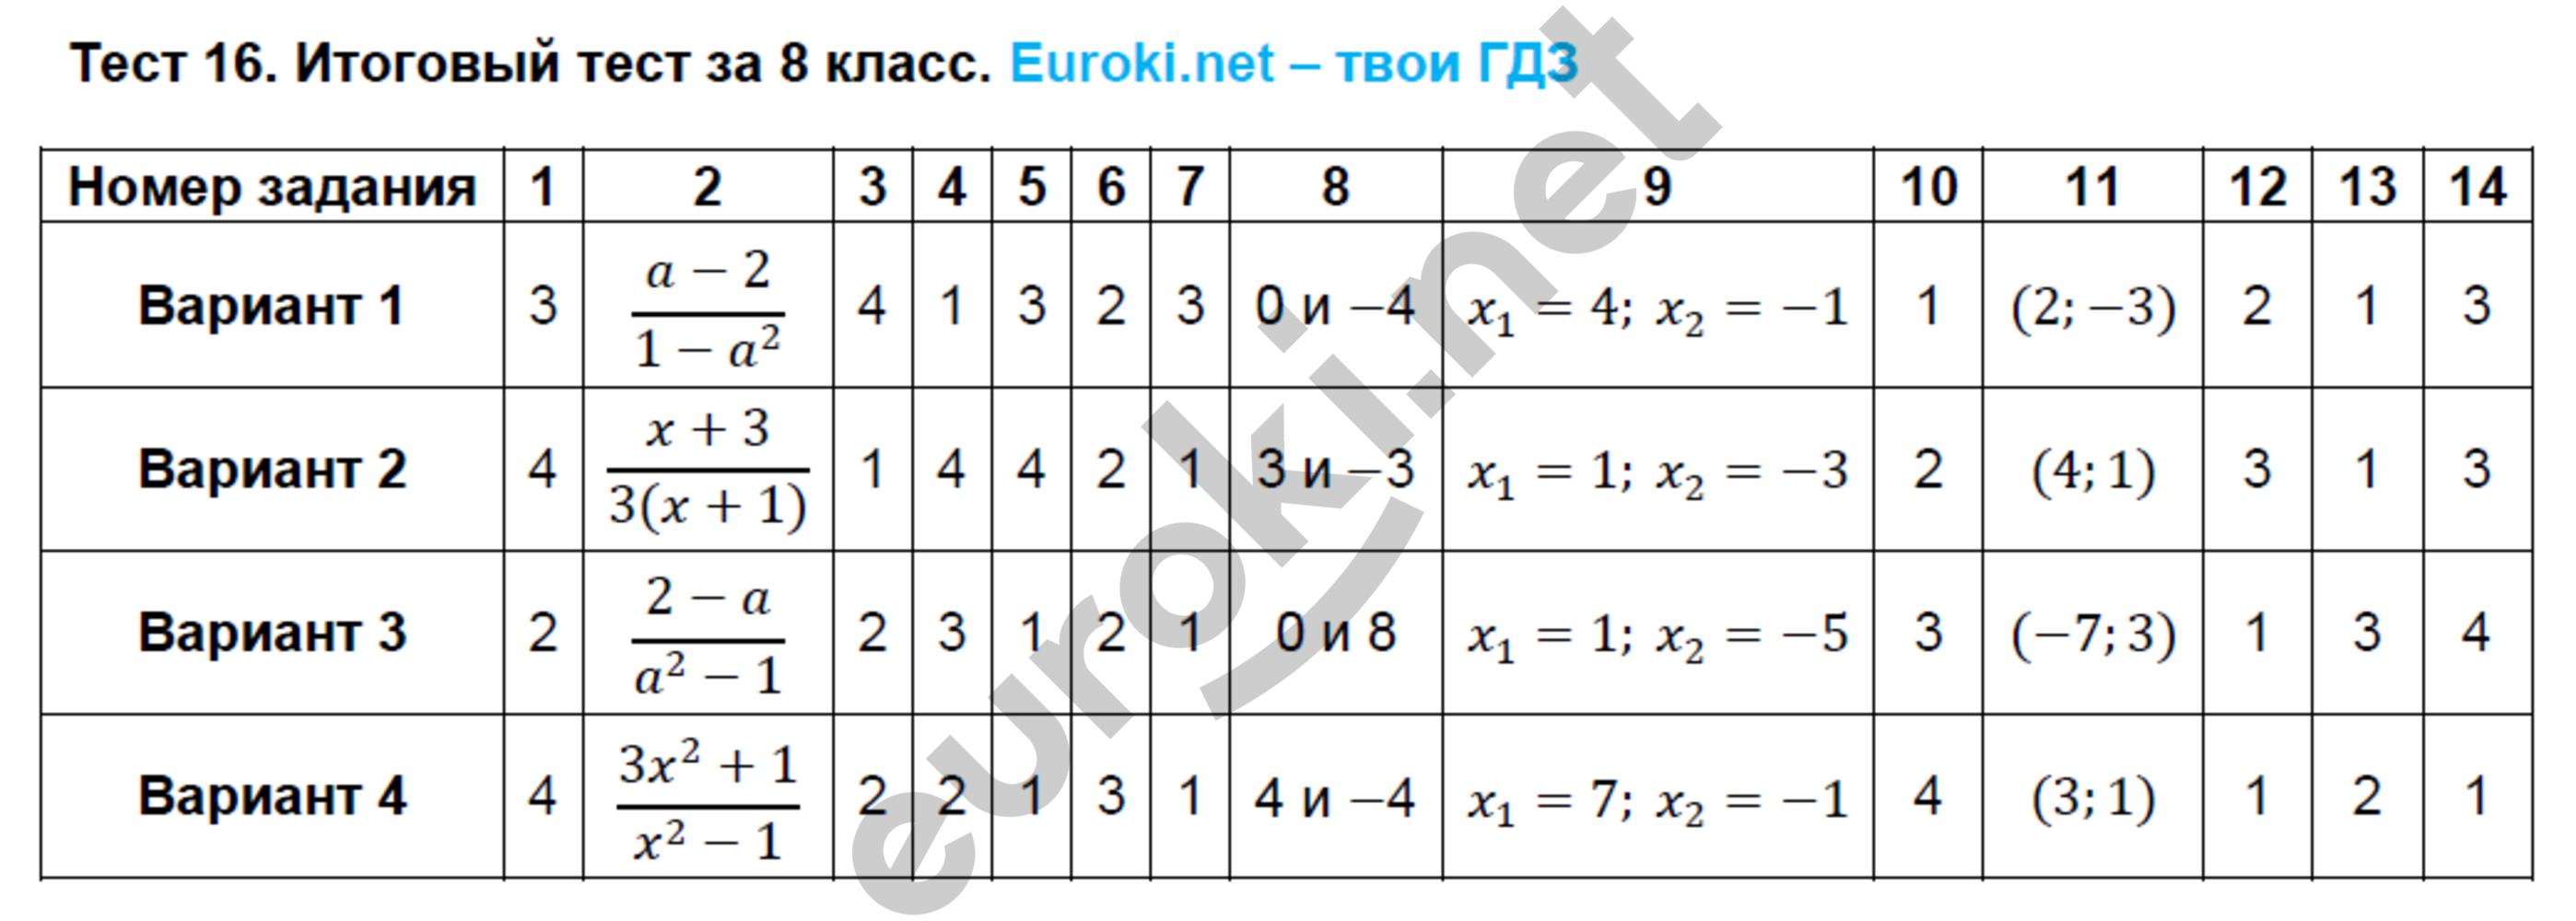 ГДЗ по алгебре 8 класс тематические тесты Кузнецова. Задание: Тест 16. Итоговый тест за 8 класс